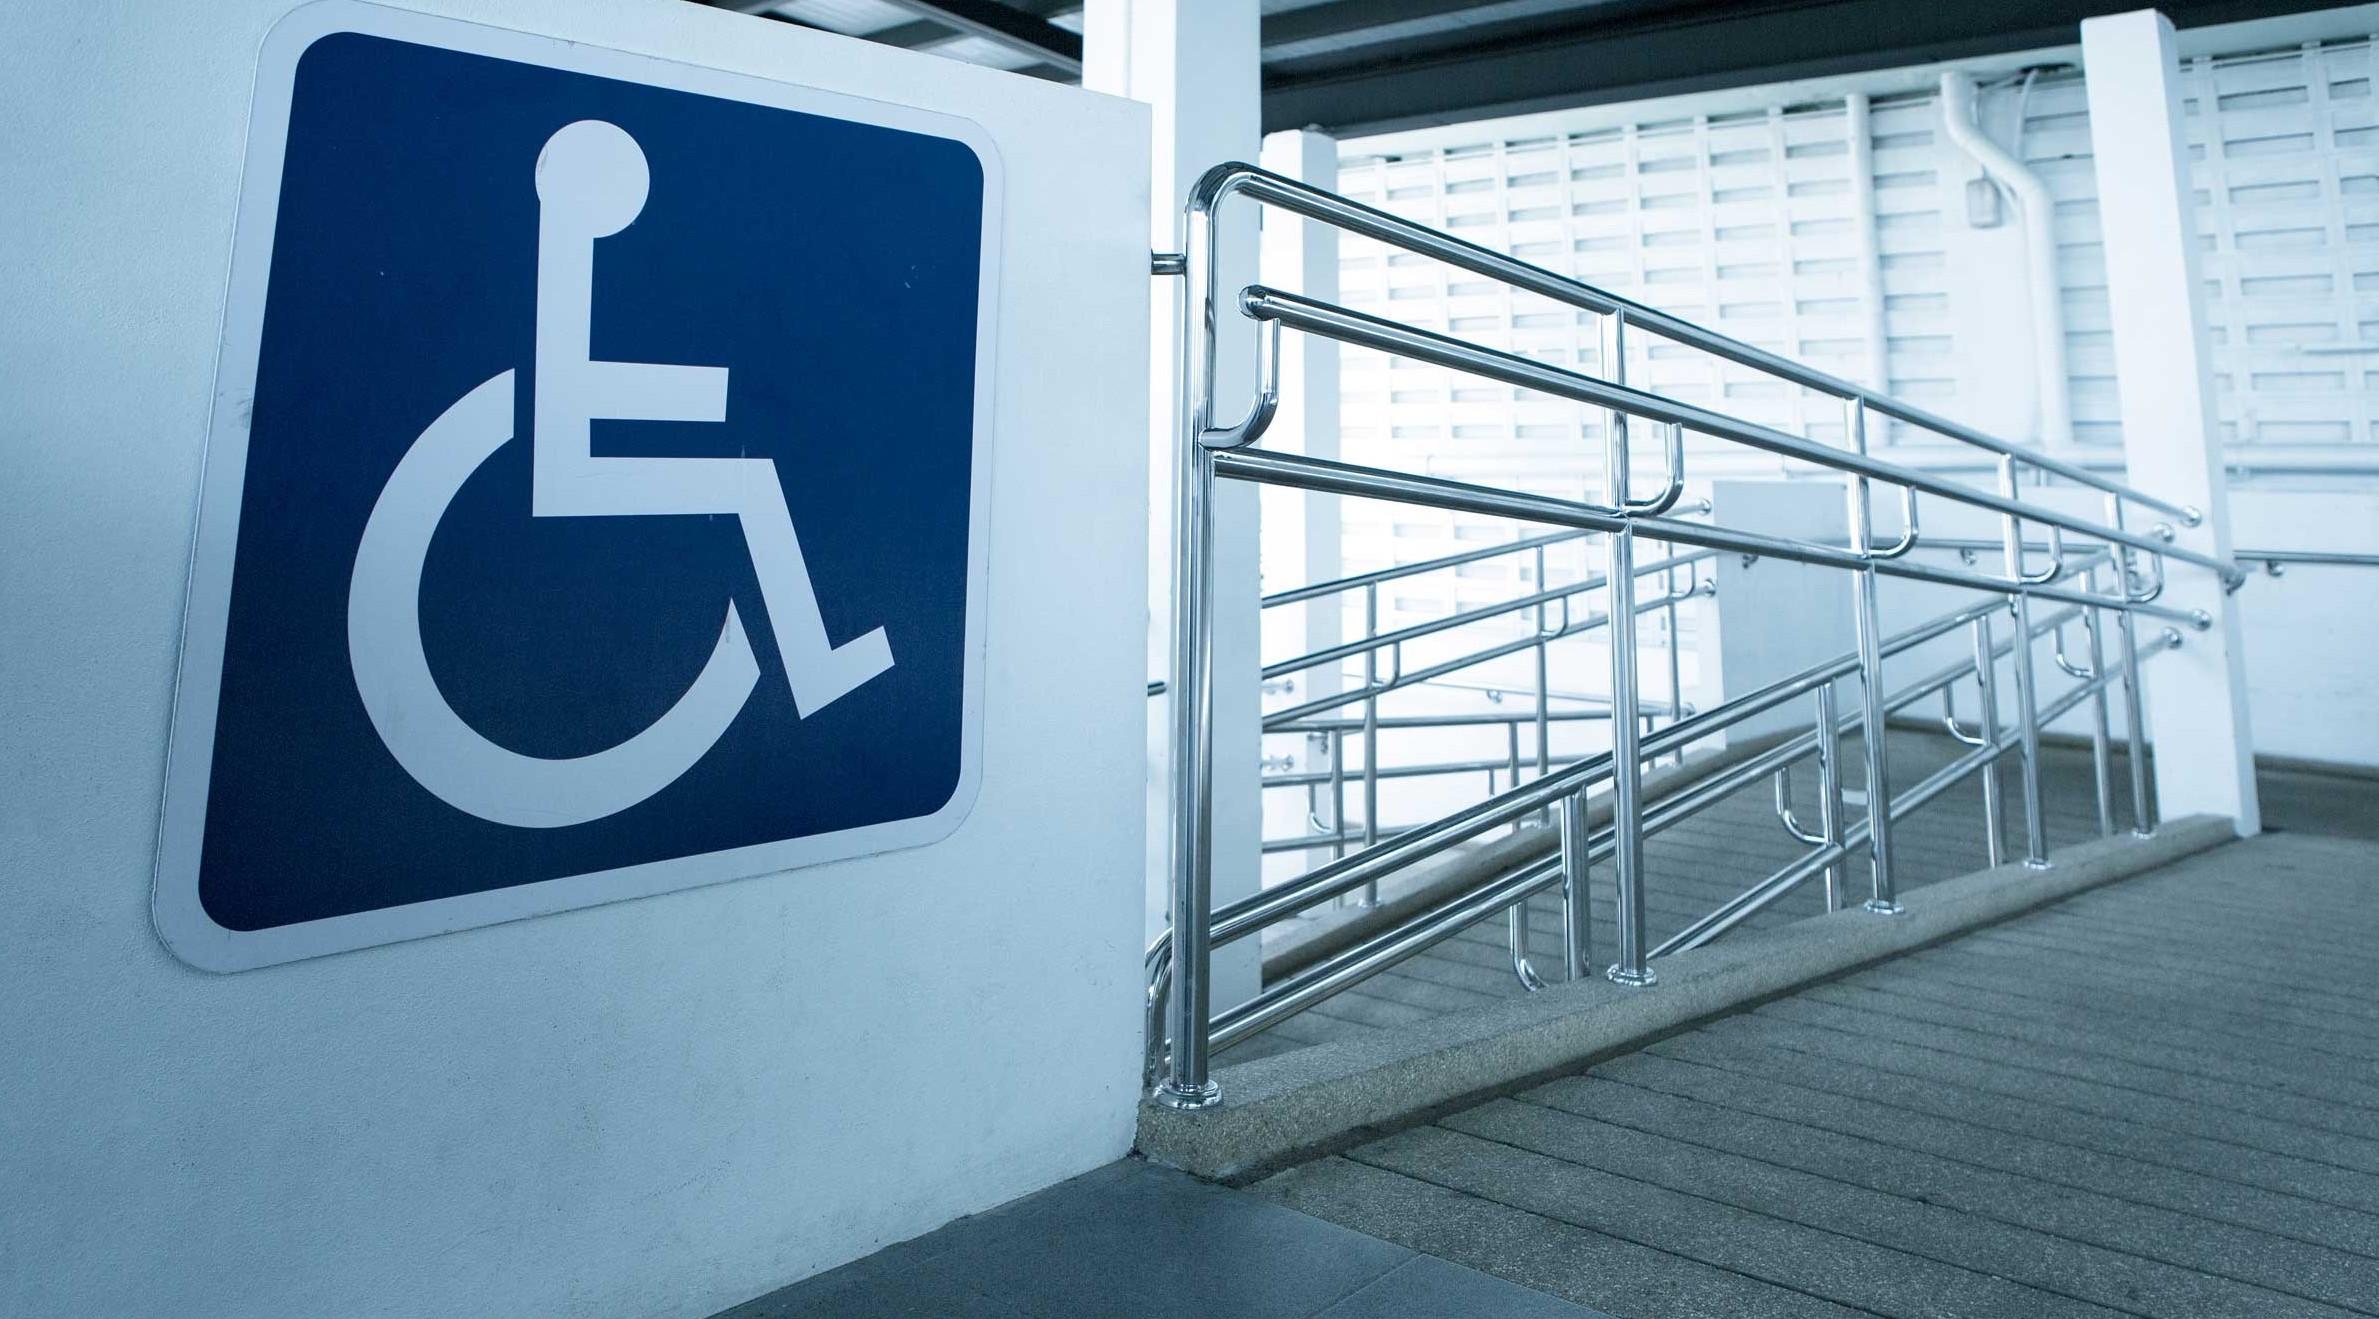 Legge 104, aggravamento invalidità quand